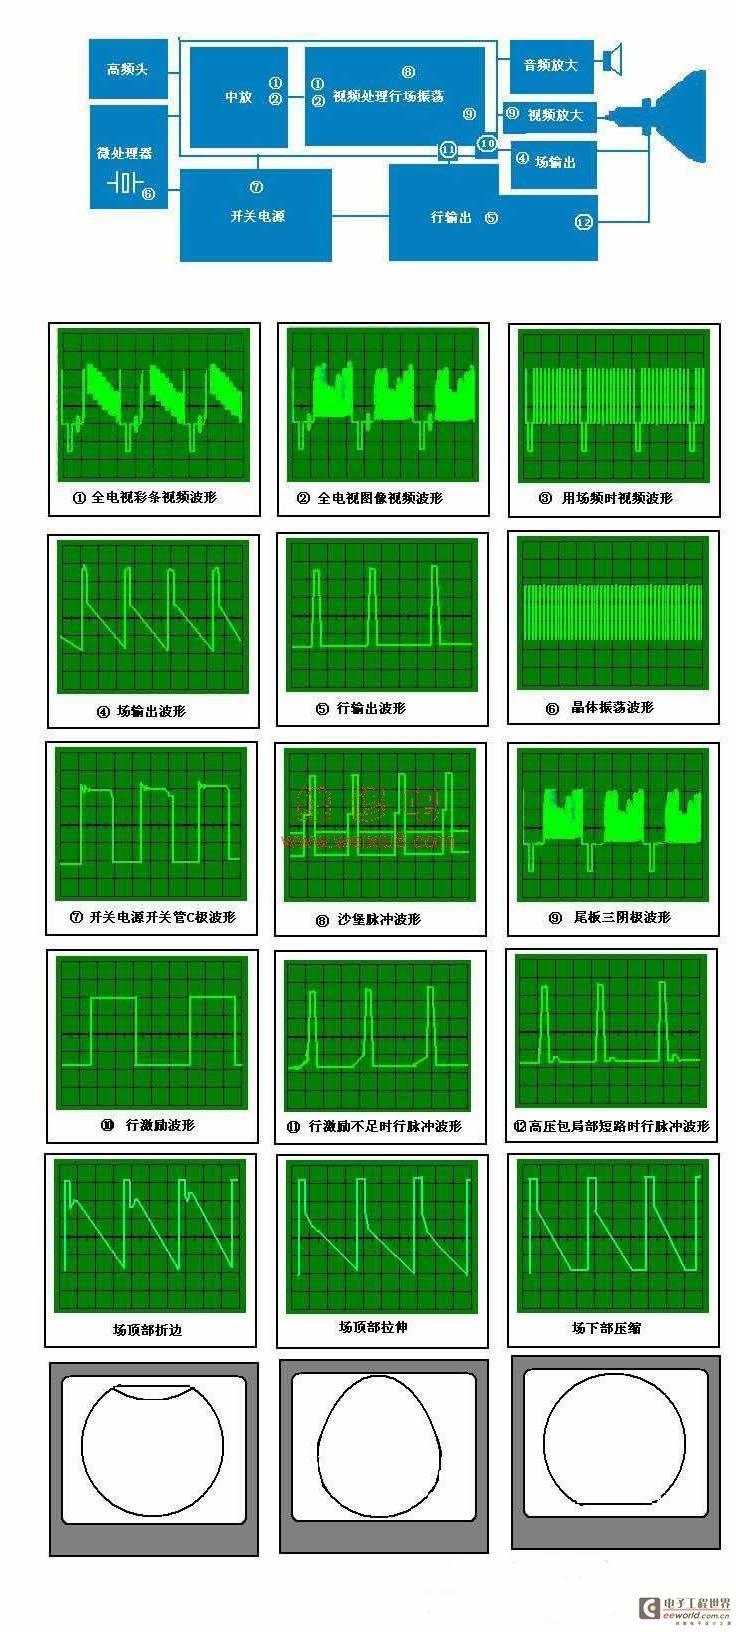 示波器检测全电视视频信号的波形图解